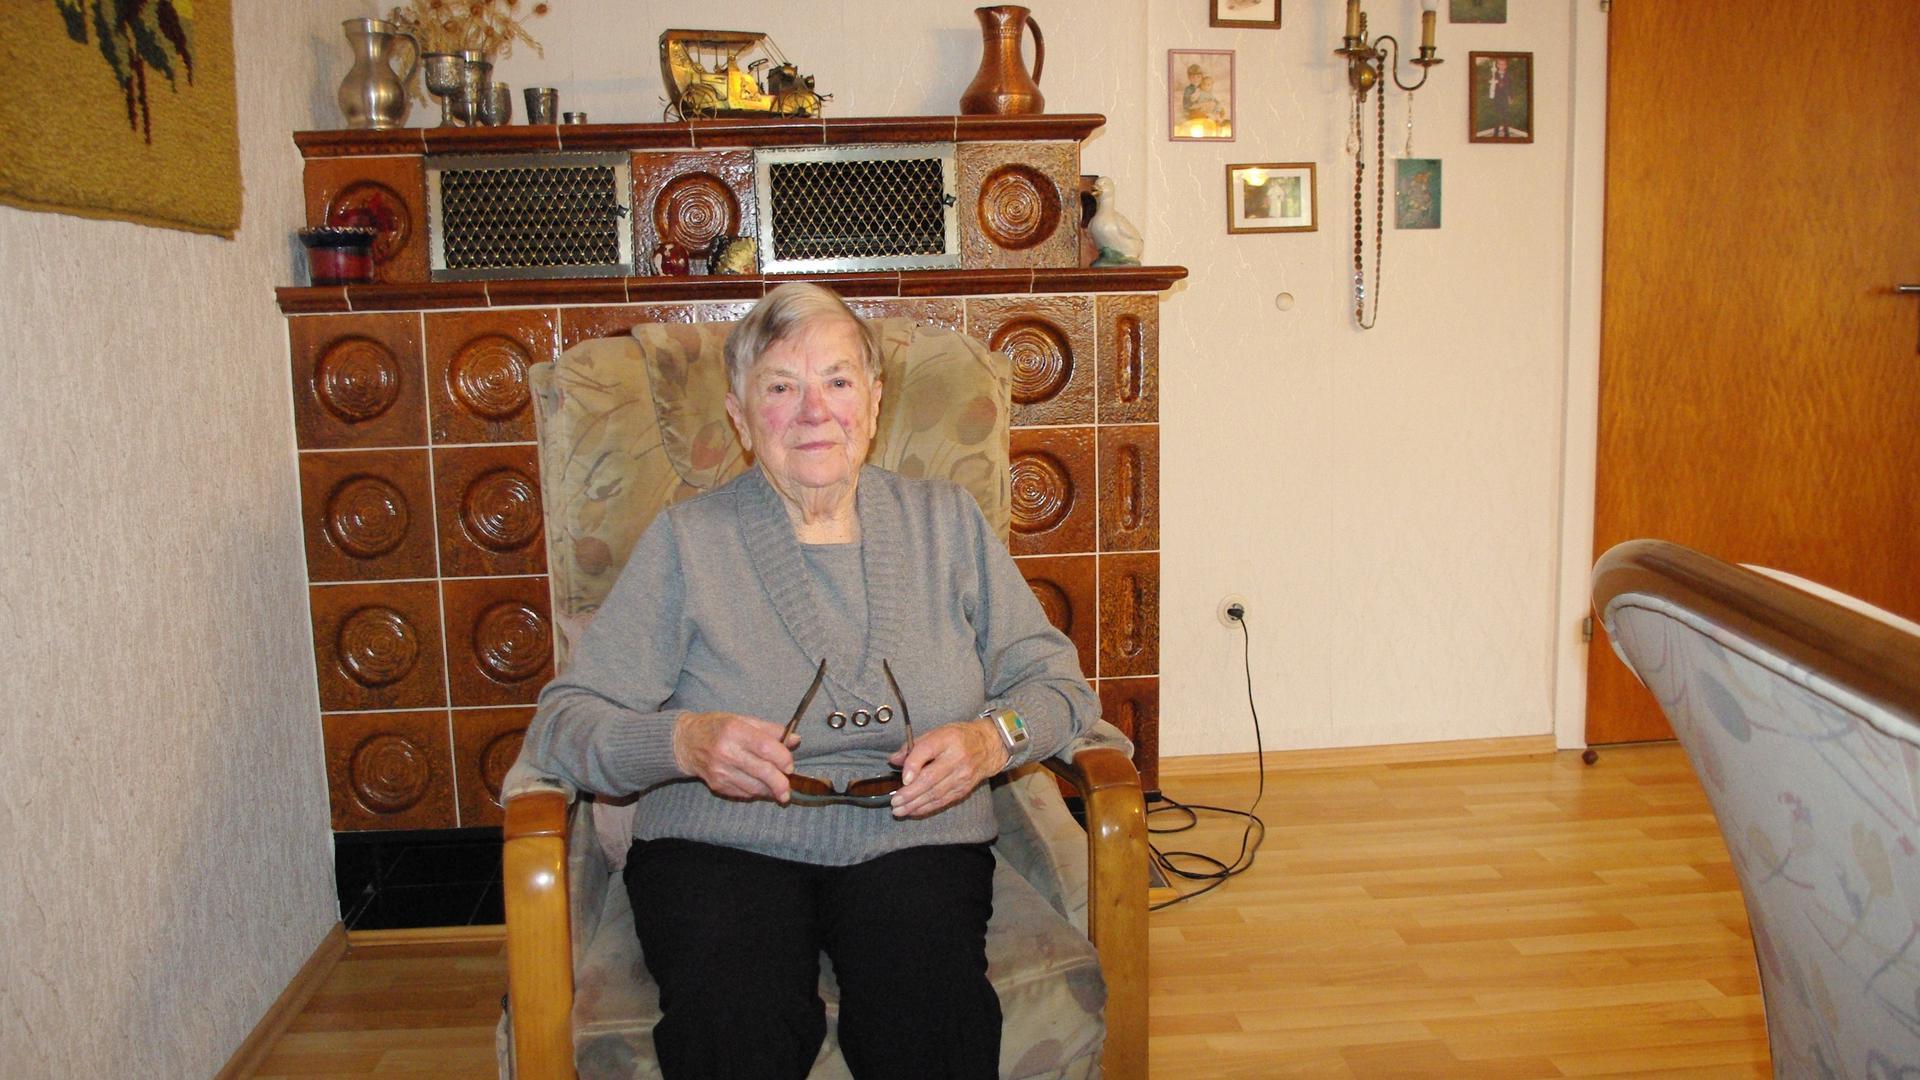 Anna Fritz (92) in Selbach krönt, seit sie 70 Jahre alt ist, ihren Lebensabend mit selbst verfassten Gedichten.